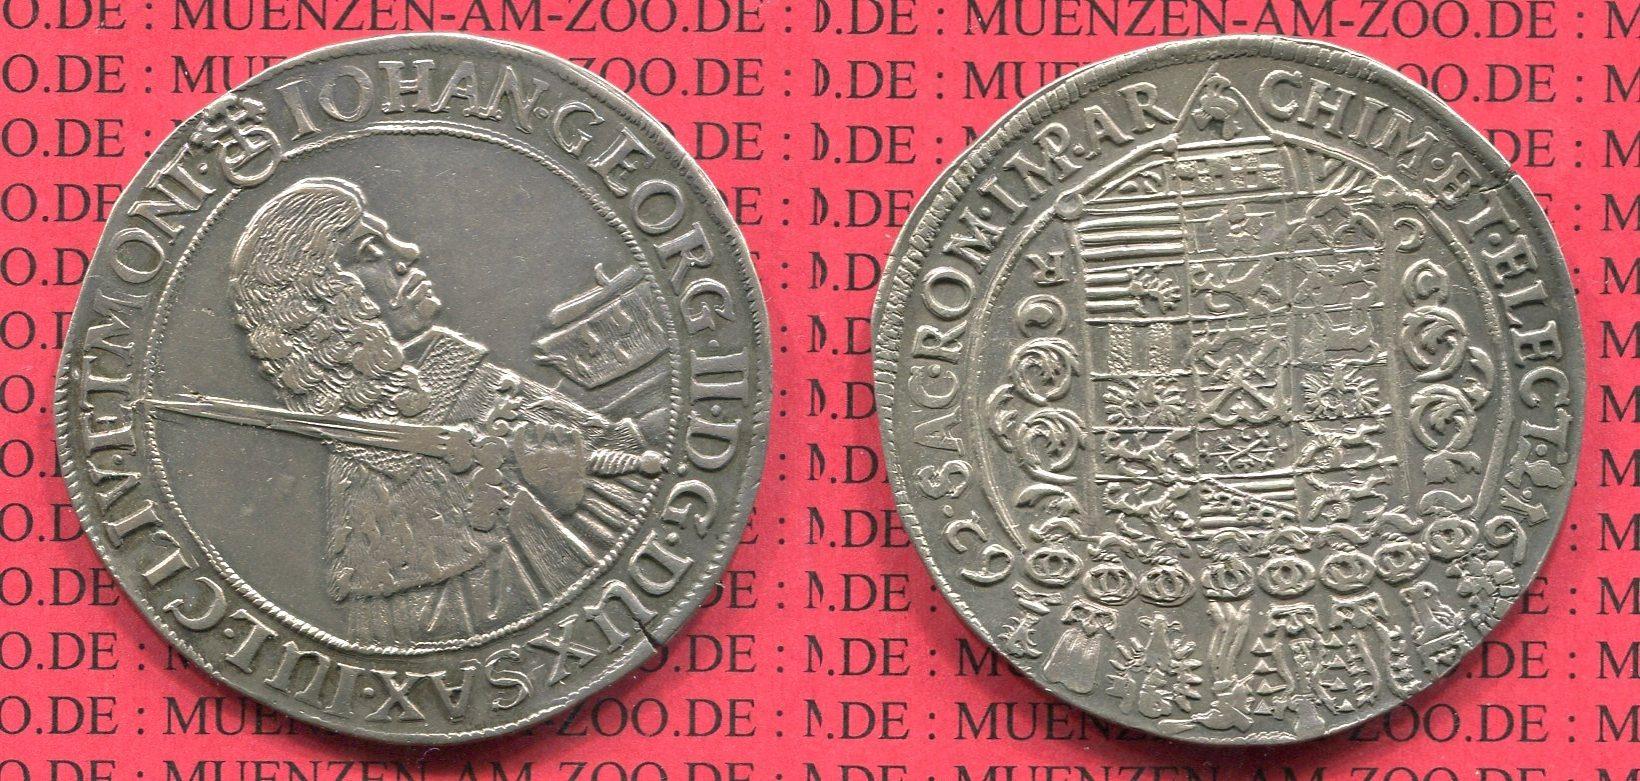 Taler 1662 Sachsen Albertinische Linie Sachsen Johann Georg II. 1656-1680. Erbländischer Taler 1662 xf old toning